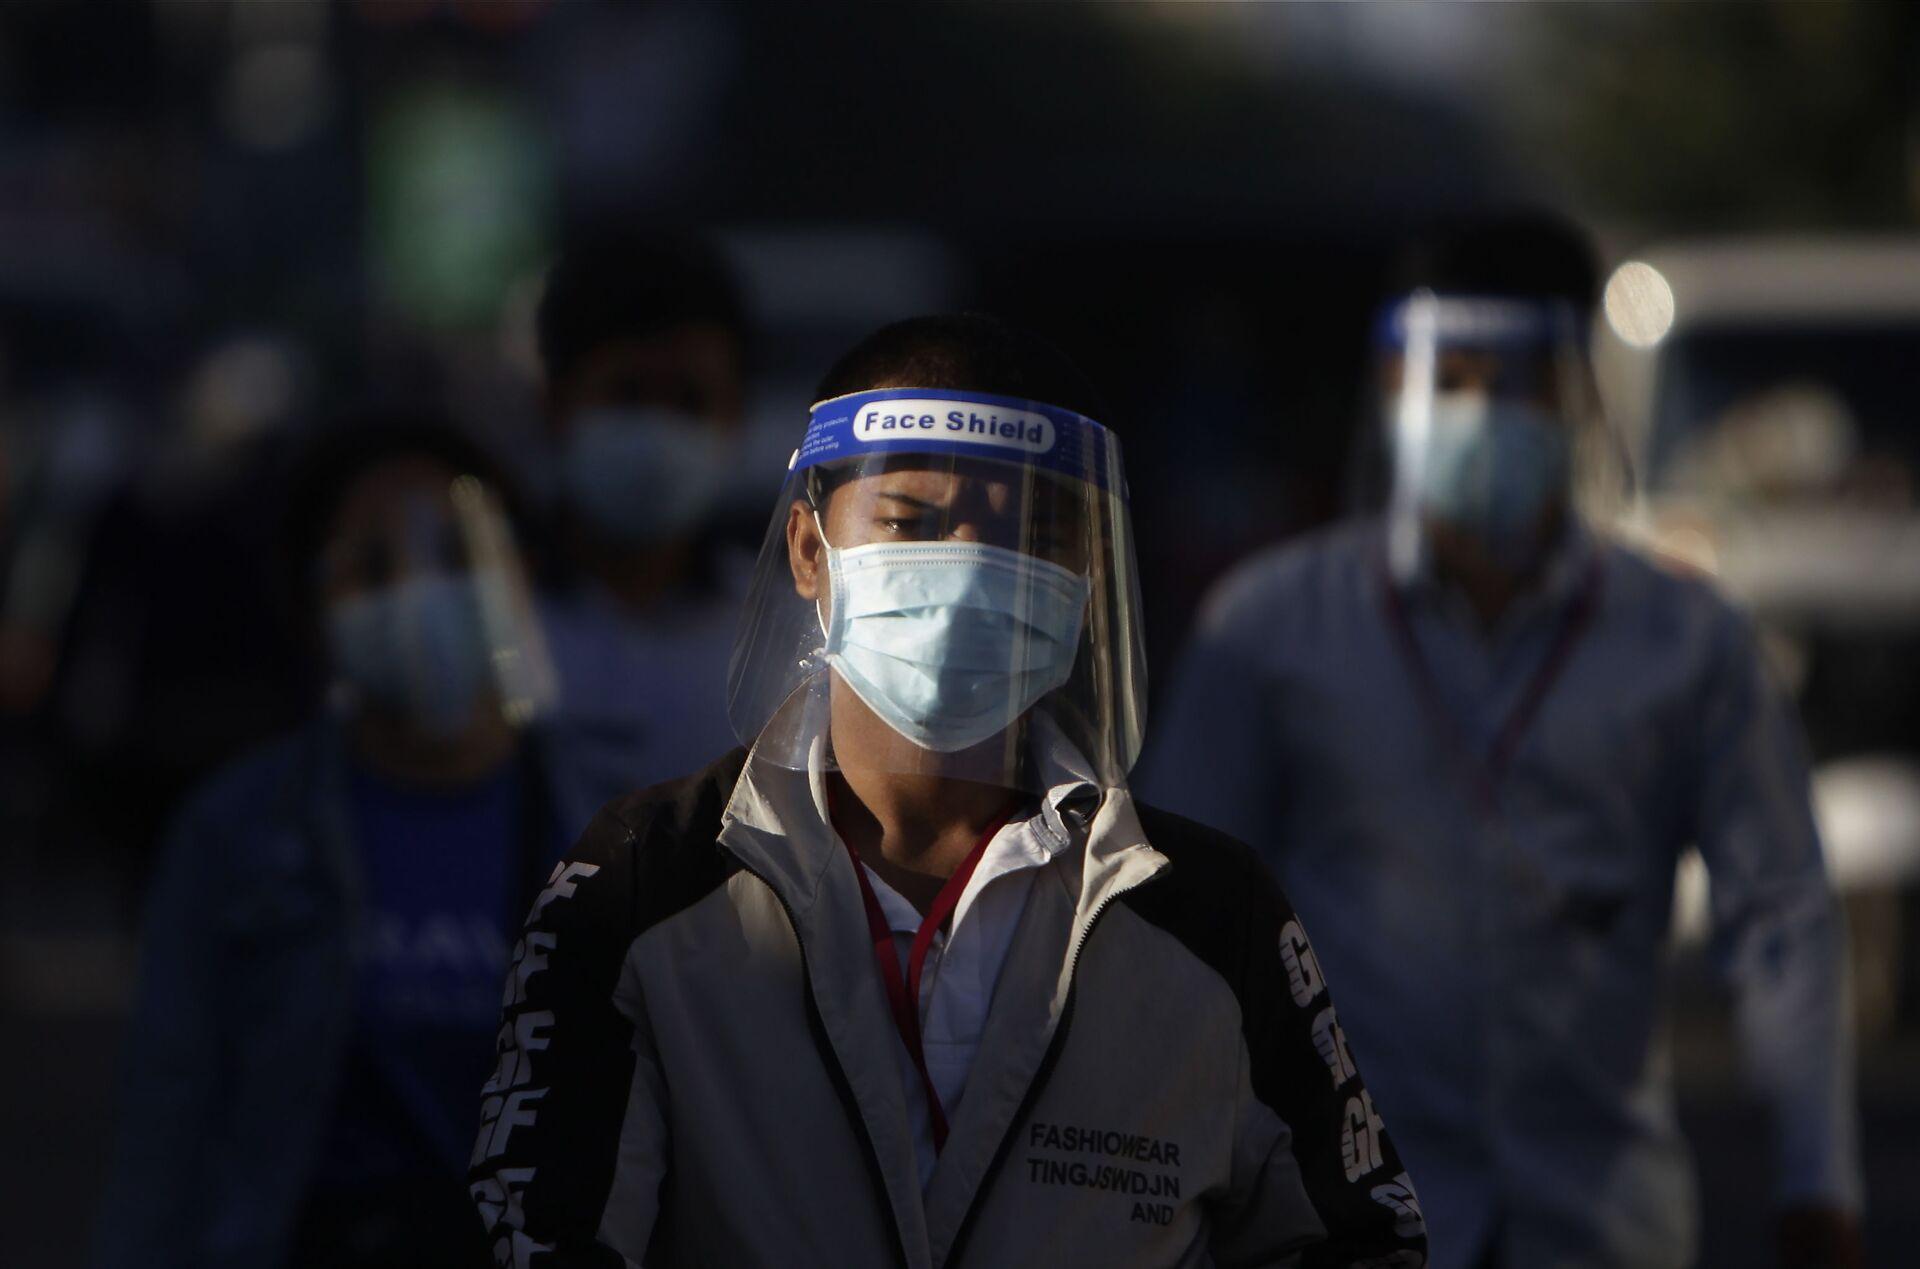 Persone con mascherine in Cambogia - Sputnik Italia, 1920, 18.05.2021